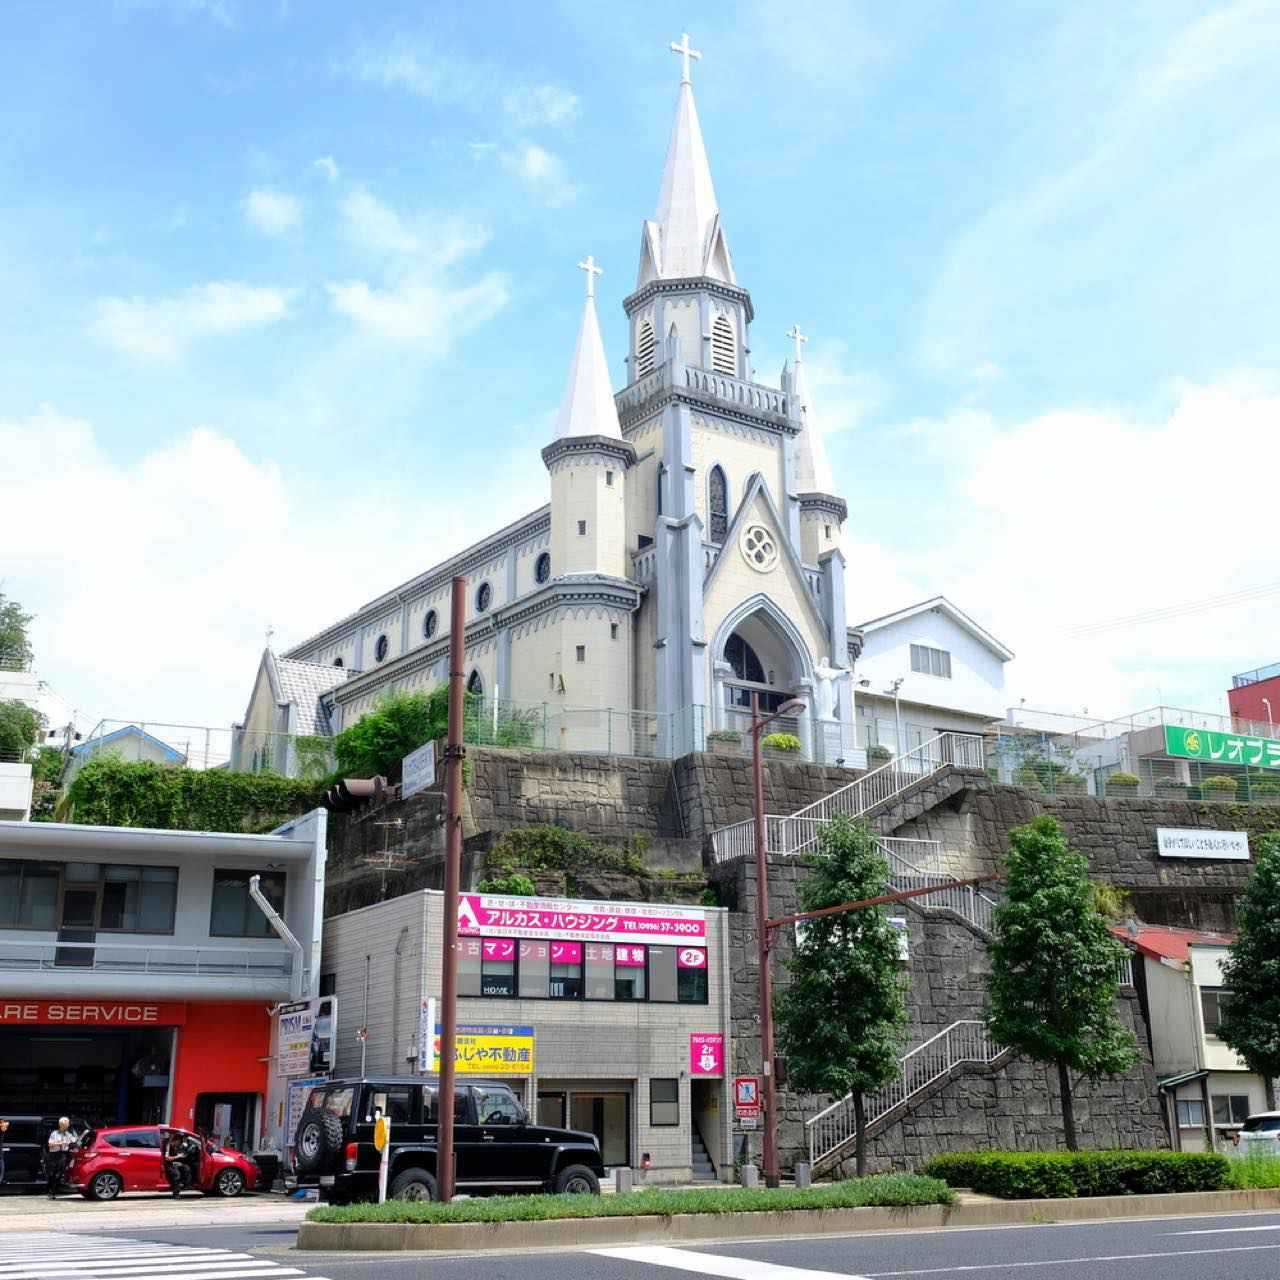 画像: 佐世保駅到着後、真っ先に訪問したのは駅から数分の、小高い場所に建つ「カトリック三浦町教会」。昭和初期に建てられたゴシック様式の尖塔の教会で、佐世保市民からも愛される街のシンボルです。